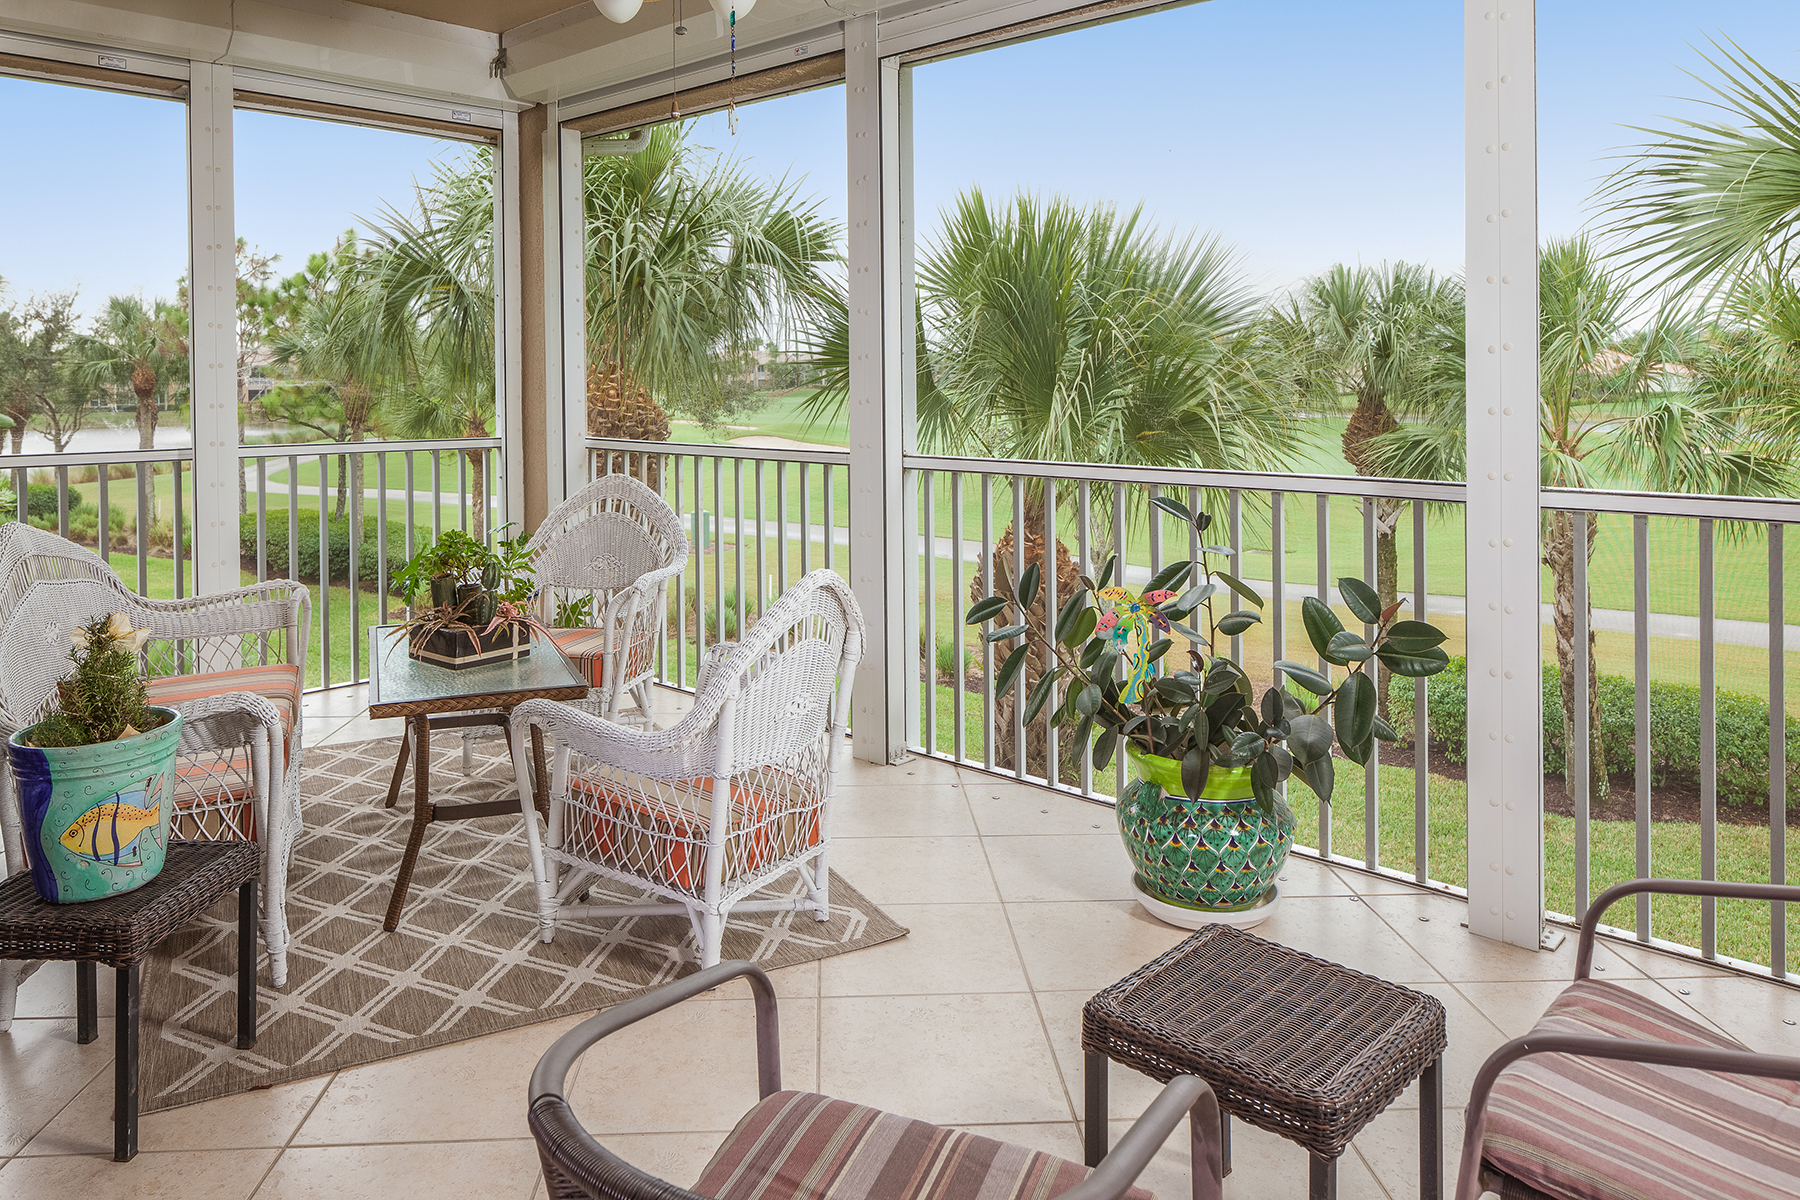 Eigentumswohnung für Verkauf beim SHADOW WOOD AT THE BROOKS - OAK HAMMOCK 11 10442 Autumn Breeze Dr 201 Estero, Florida, 34135 Vereinigte Staaten